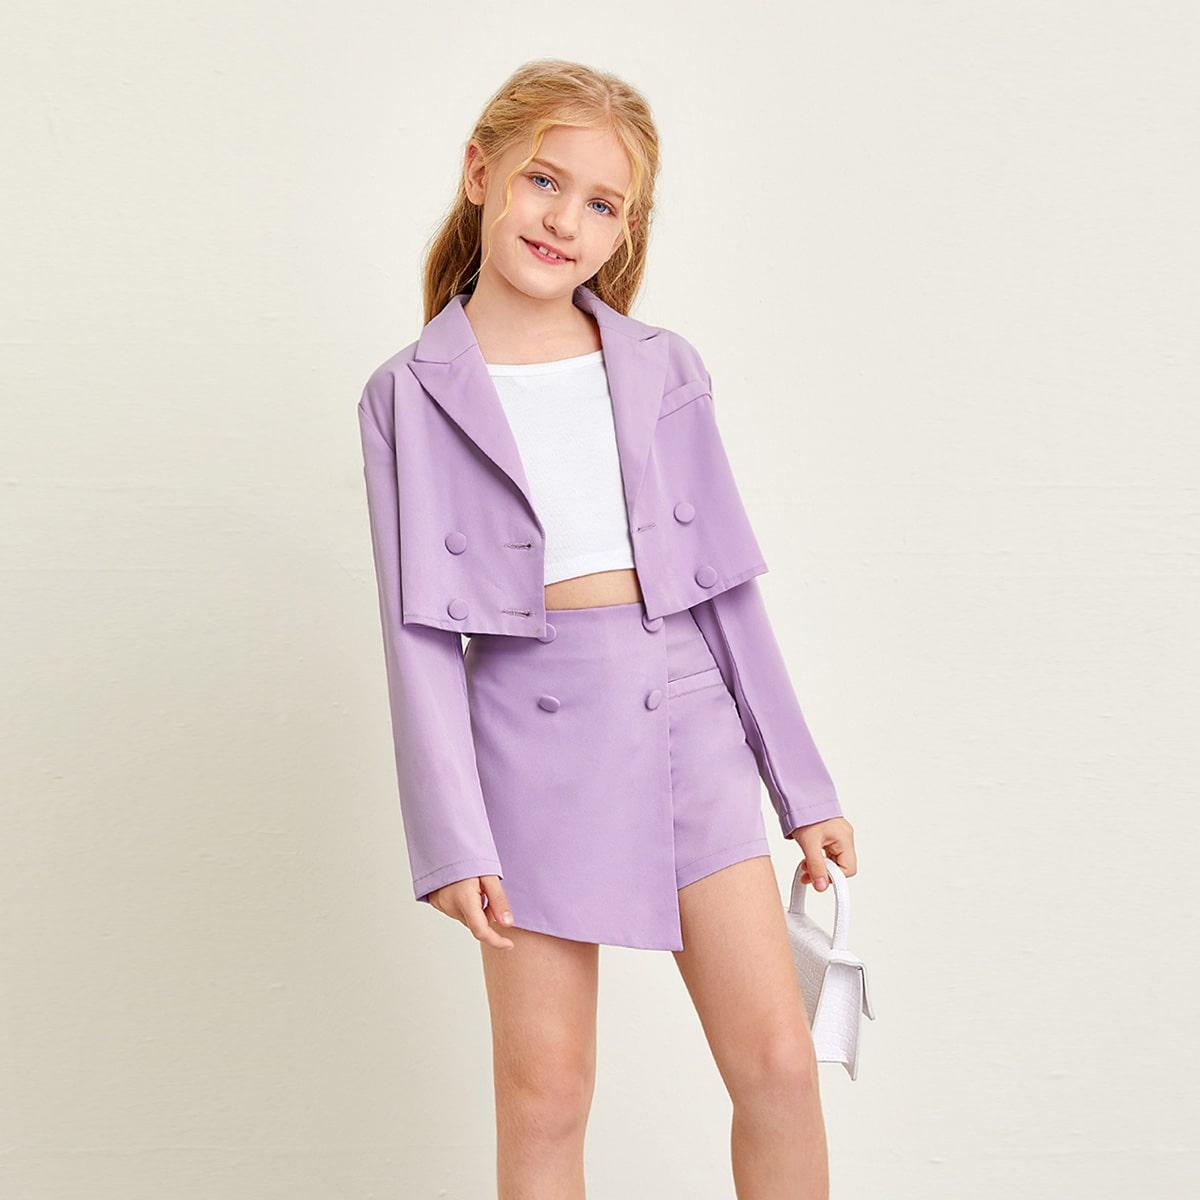 SHEIN / Mädchen Zweiteilige Outfits